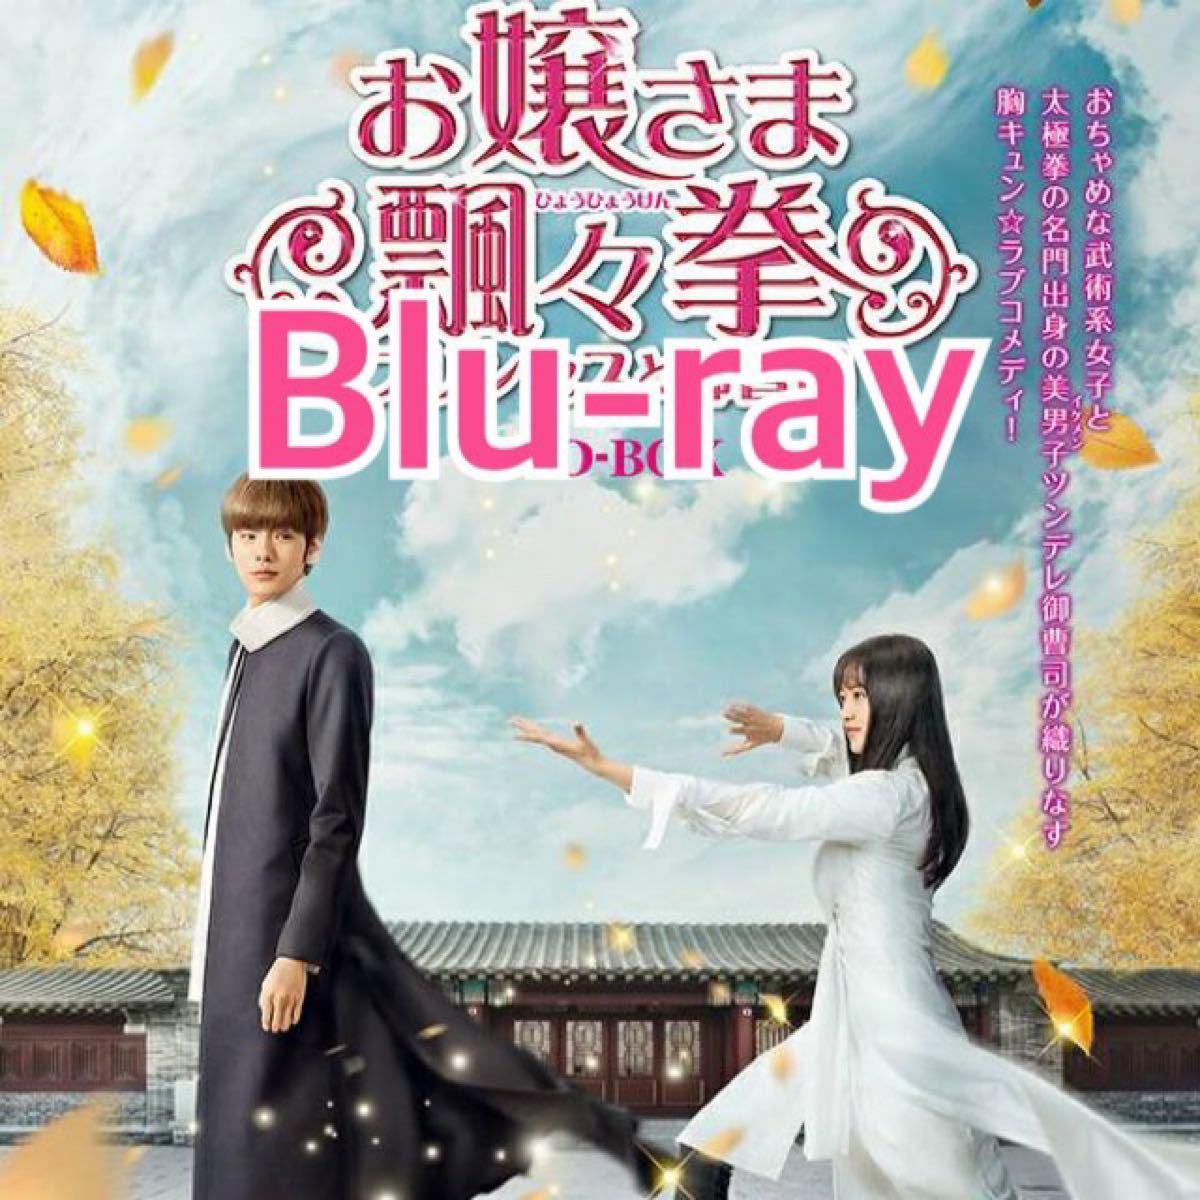 中国ドラマ お嬢様飄々拳〜プリンセスと御曹司〜 Blu-ray